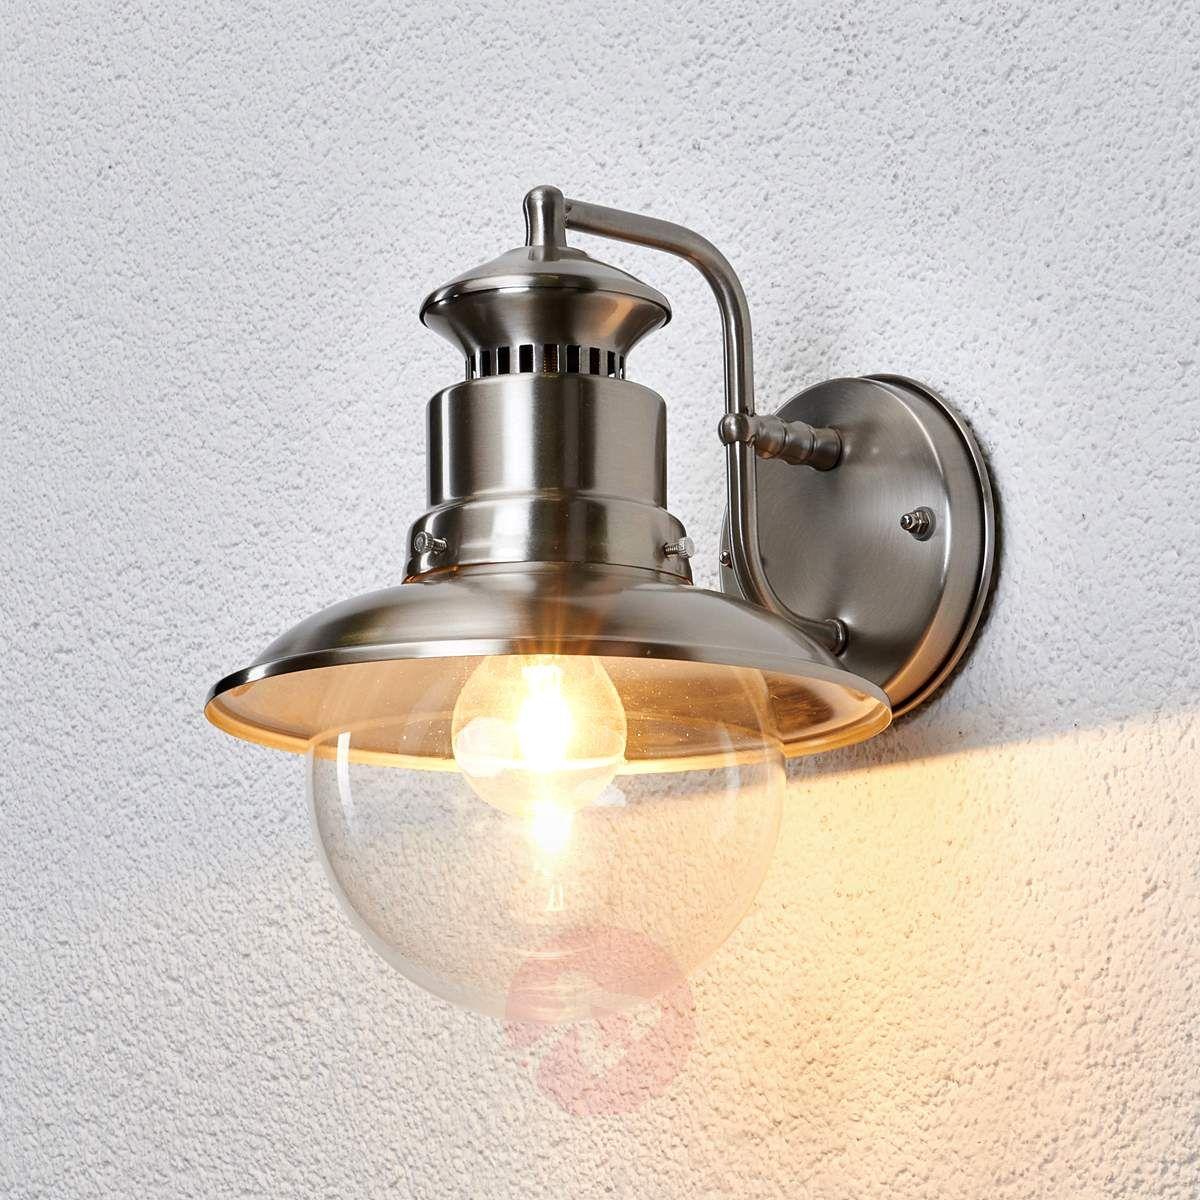 Gwendolyn Zewnętrzna Lampa ścienna Stal Szl Lampy